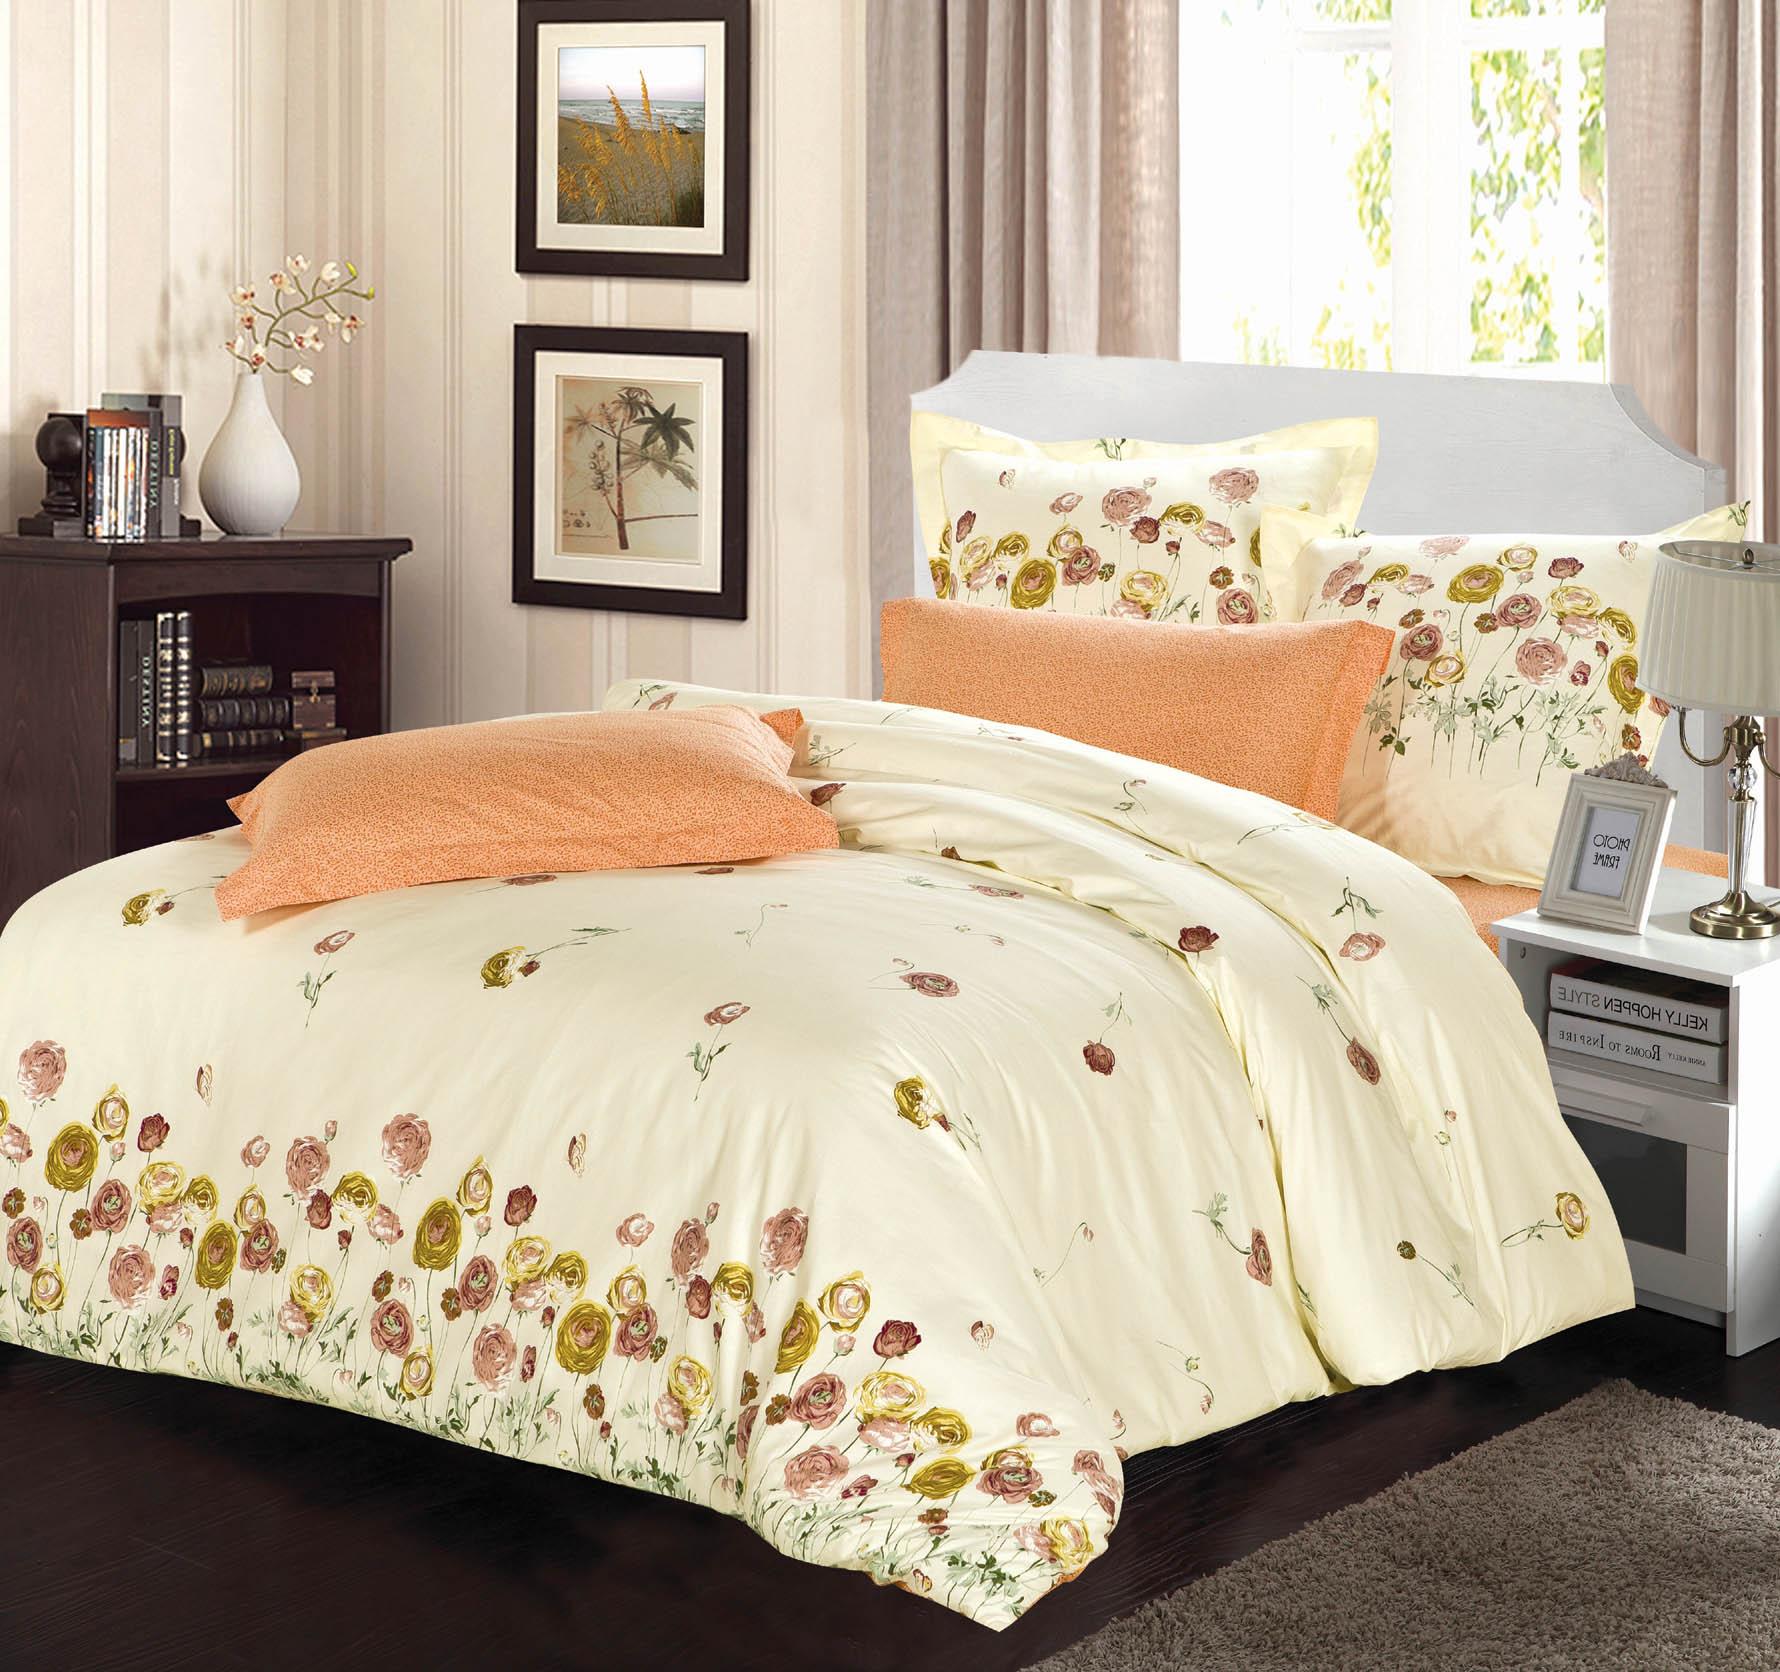 Купить Комплекты постельного белья СайлиД, Постельное белье Betsy B-158 (2 сп. евро), Китай, Персиковый, Хлопковый сатин